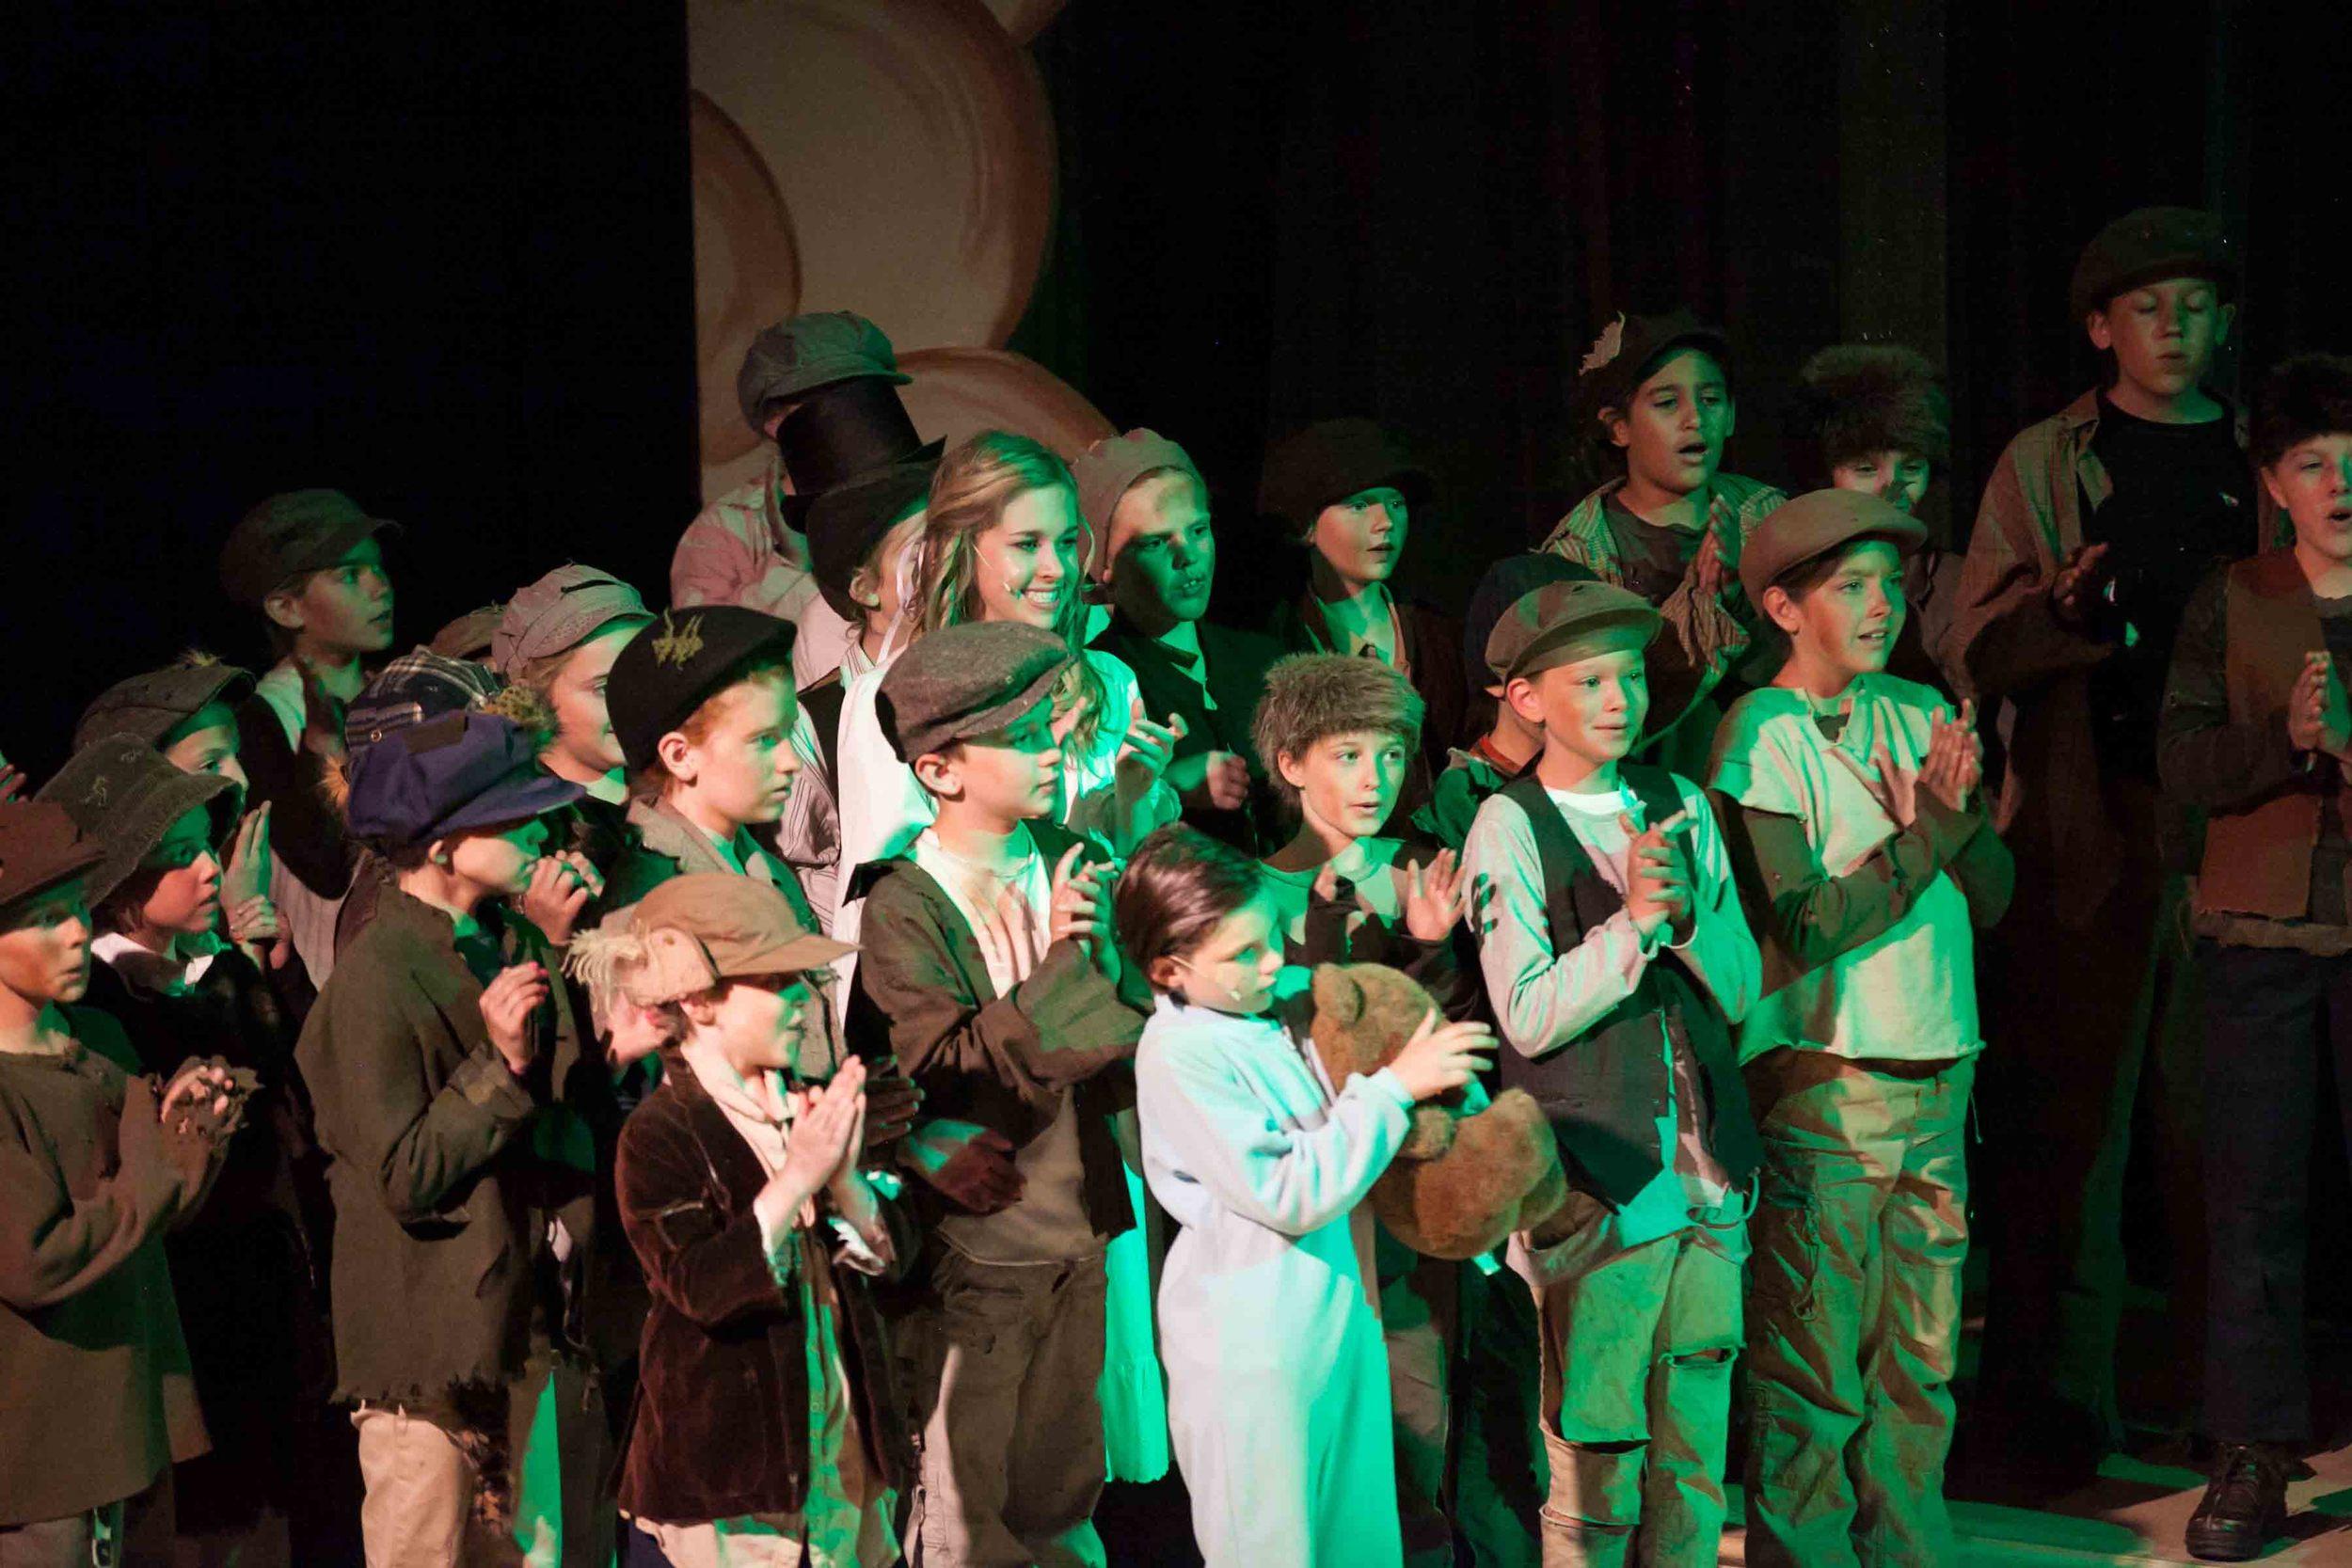 6-8-14 Peter Pan 0236.jpg